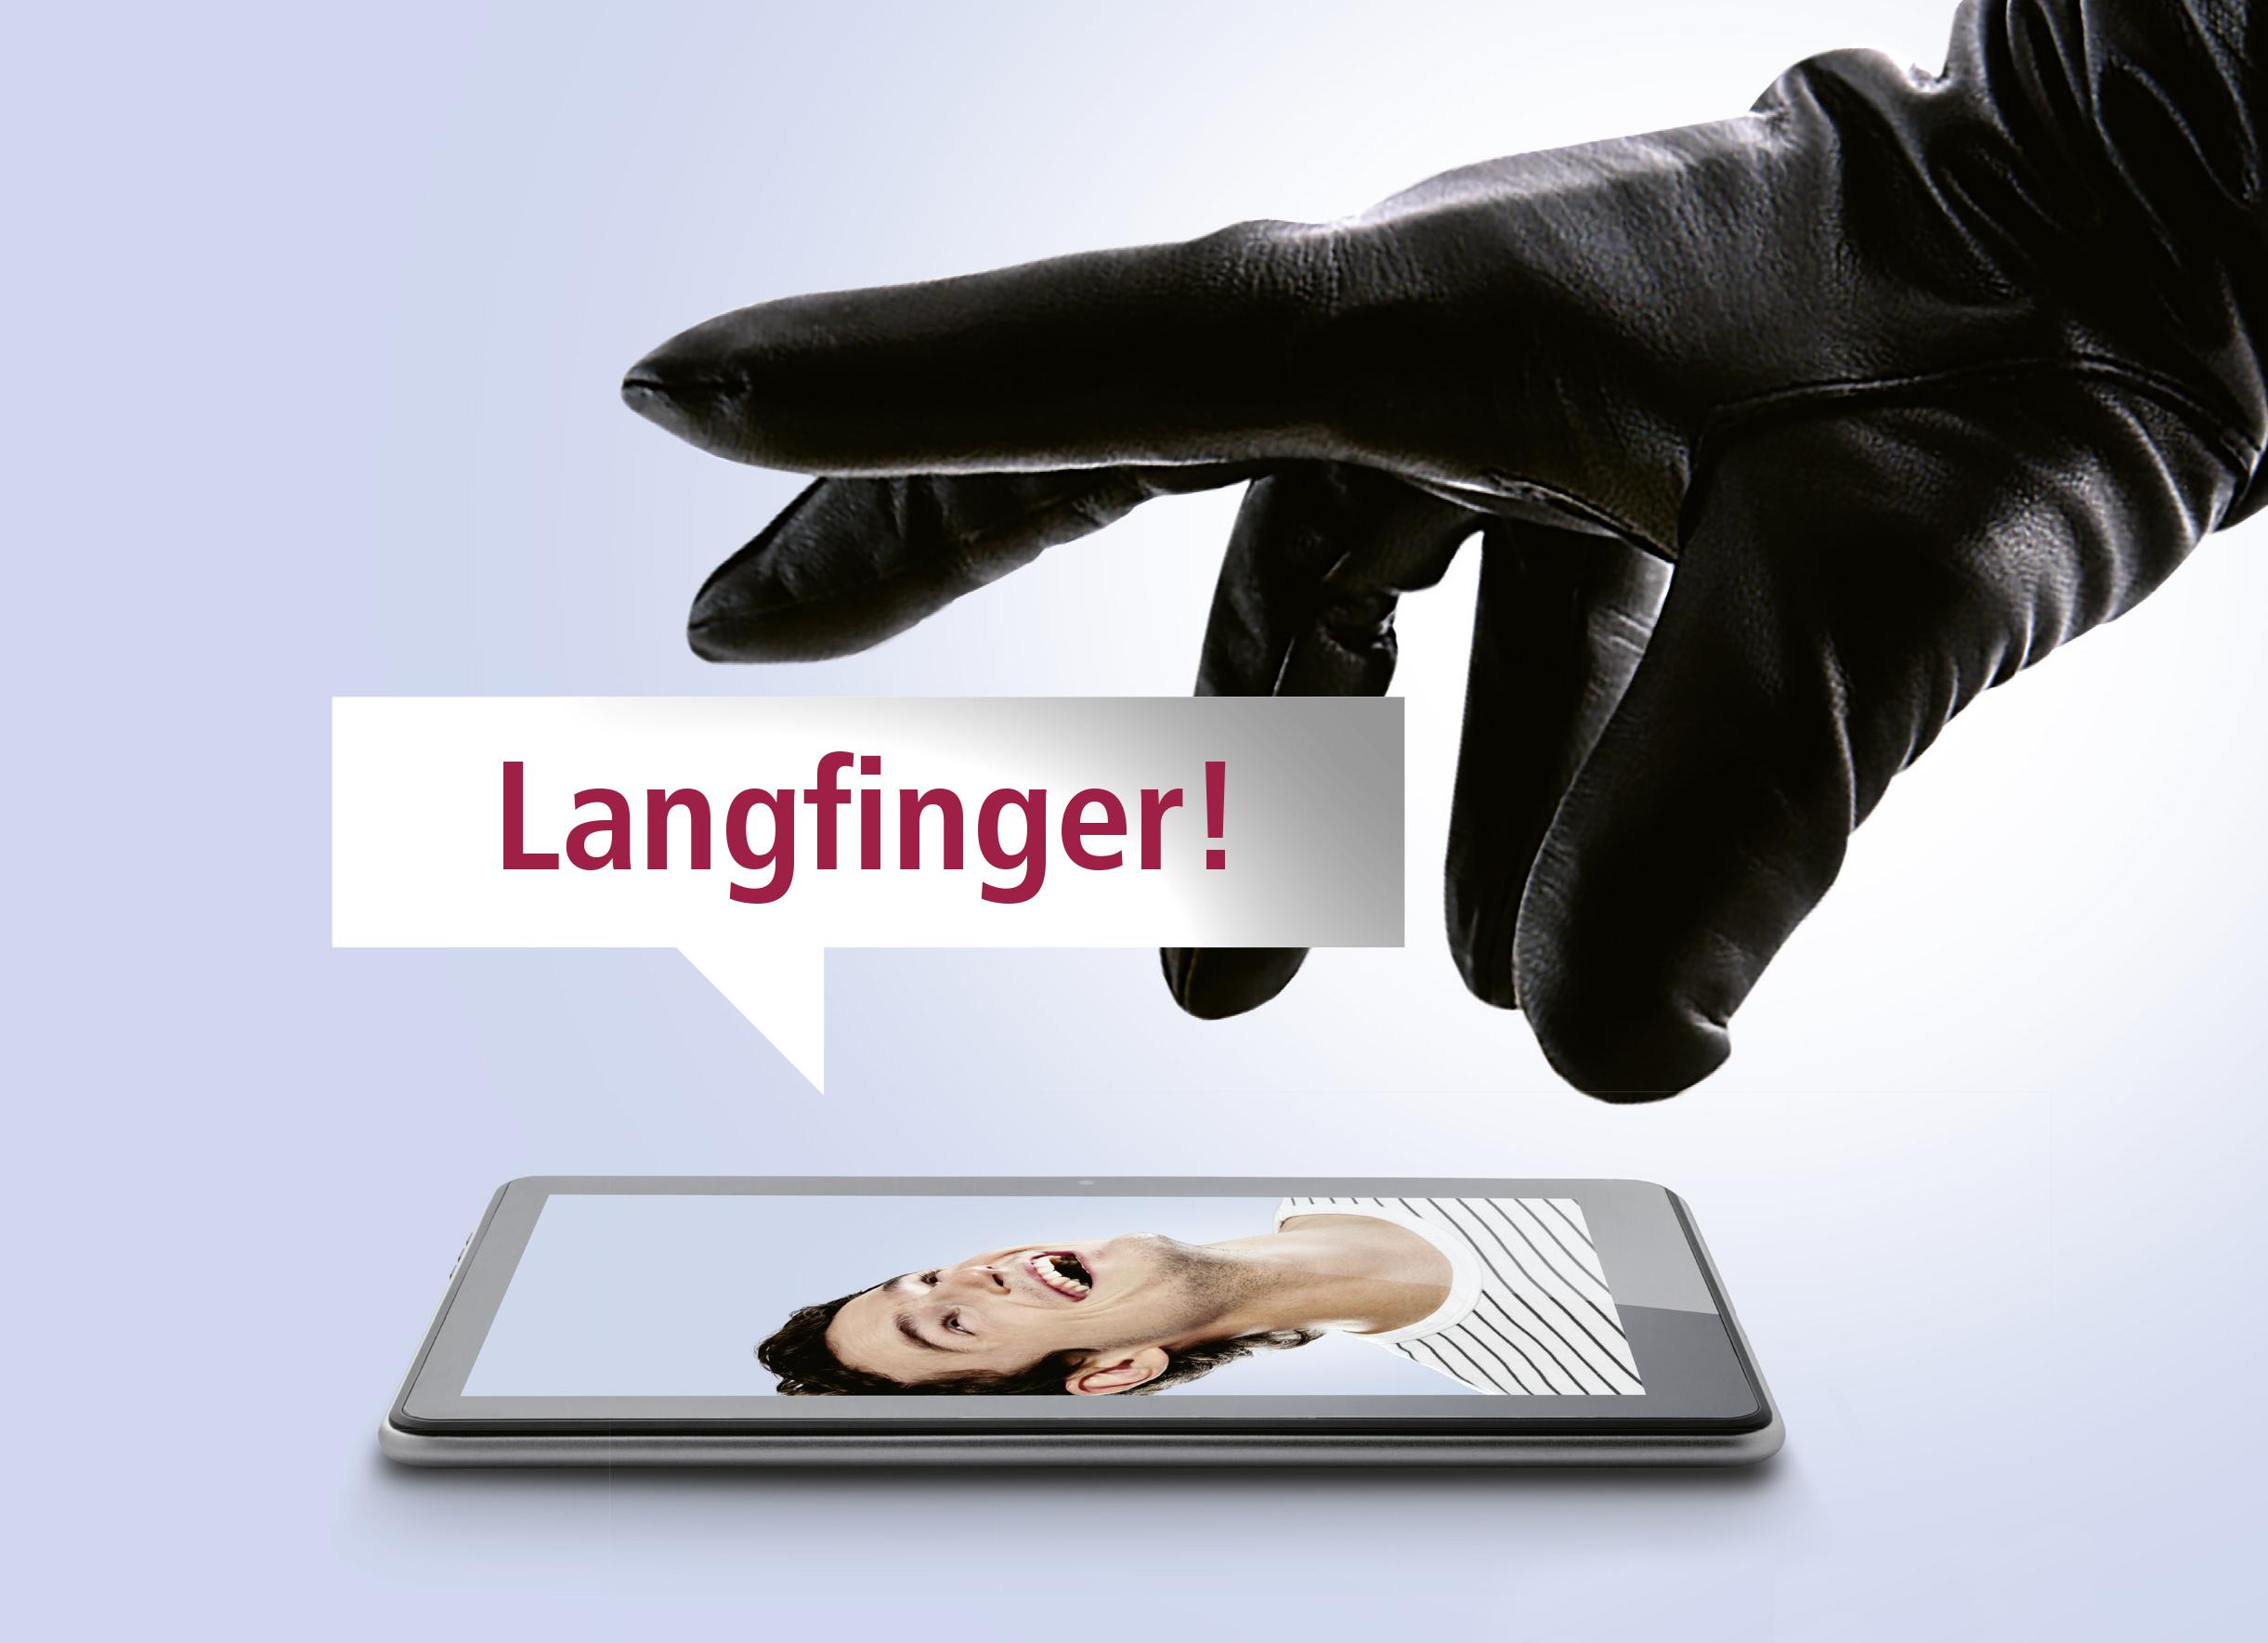 Gestohlene Smartphones geben jedem Dieb intime Einblicke